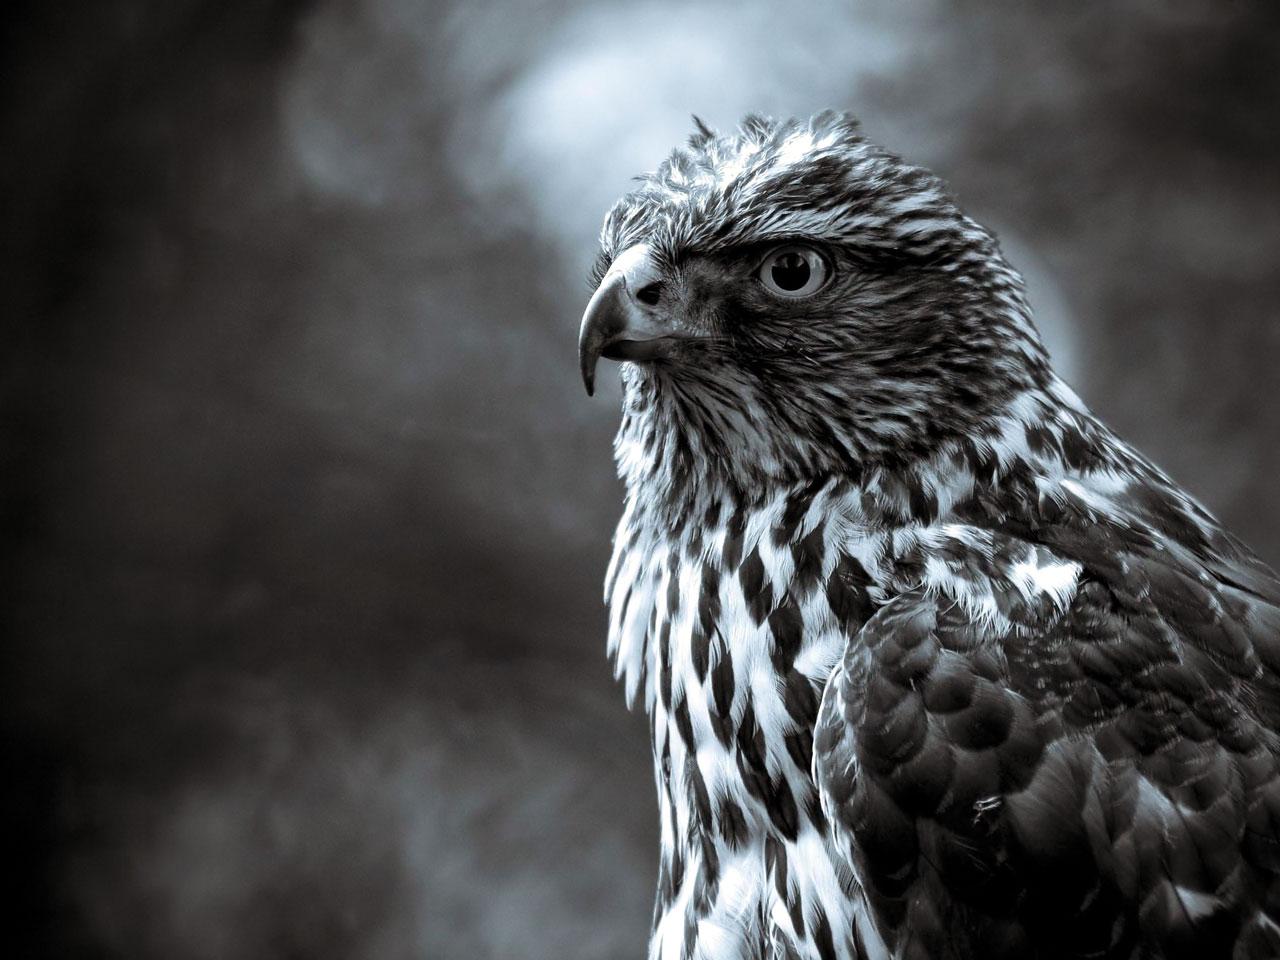 hawk resting picture hawk wallpaper hunting hawk